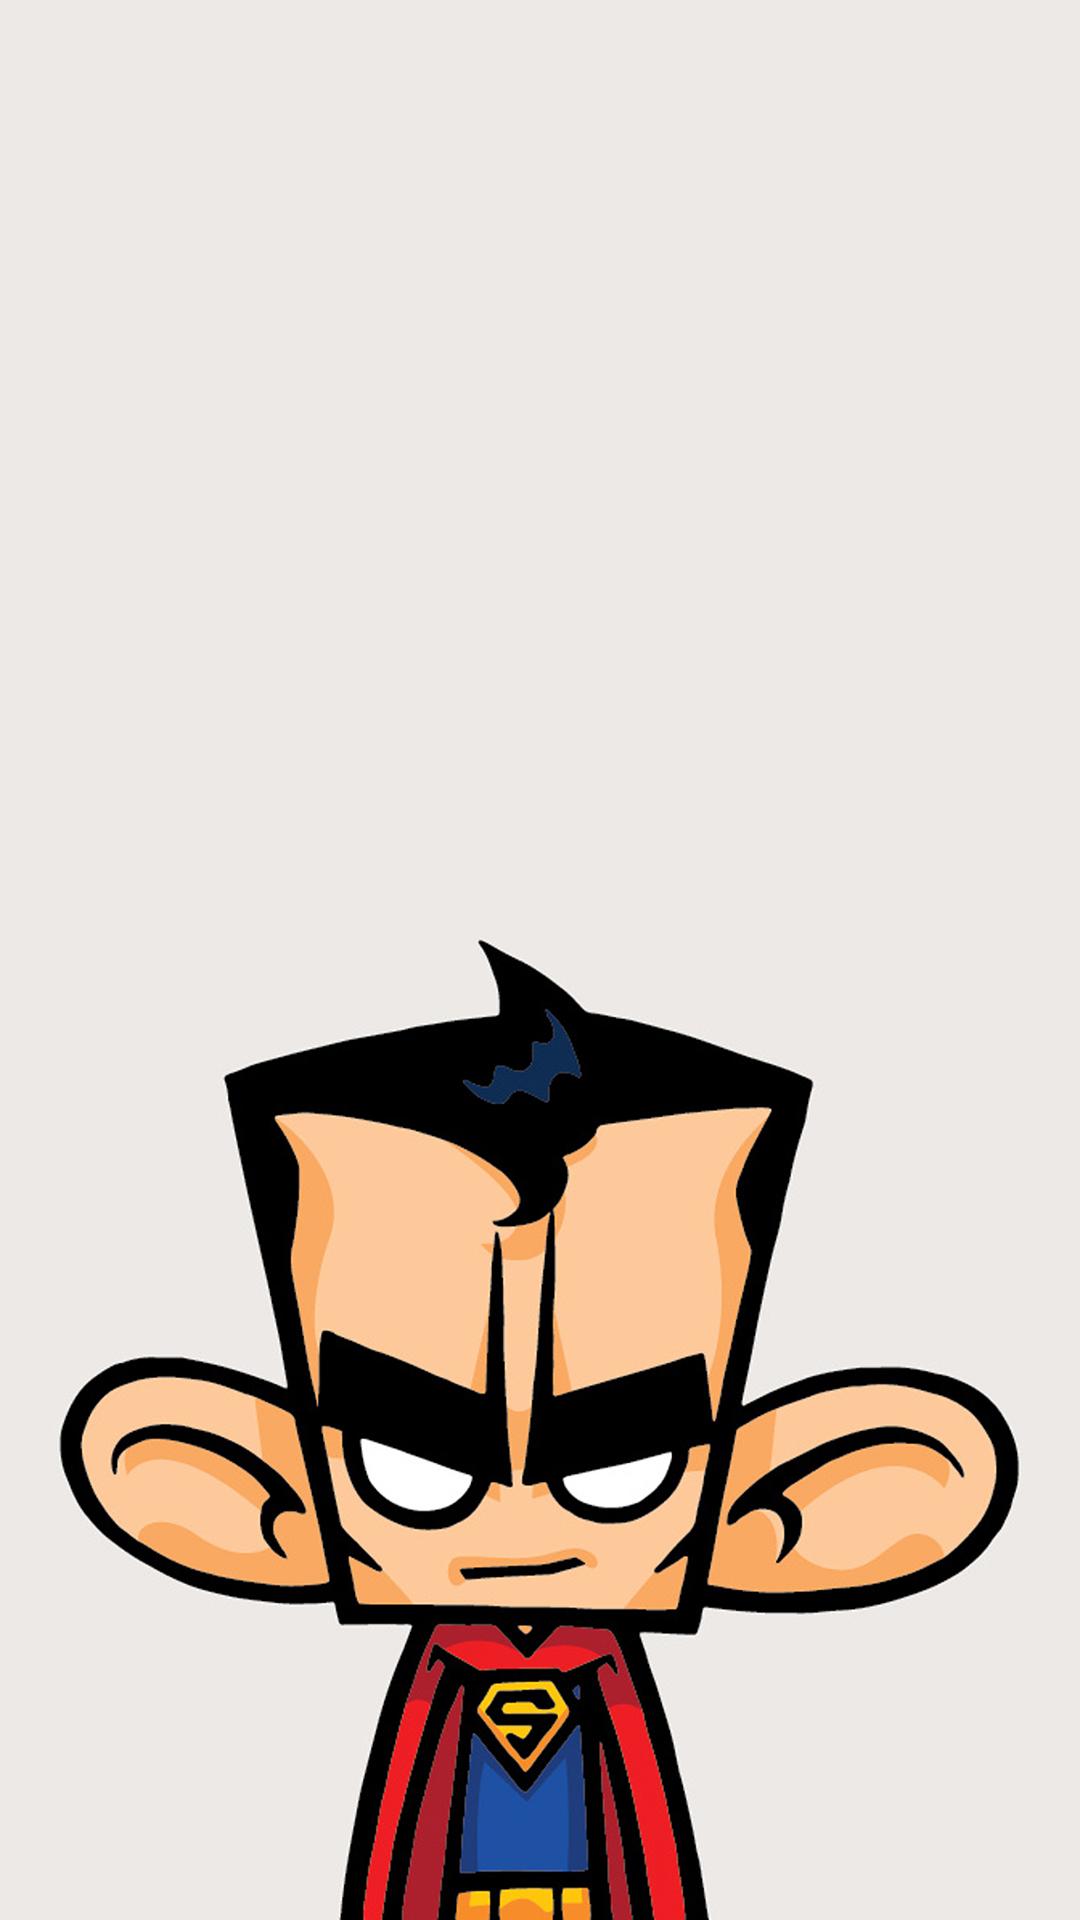 卡通 超人 创意 大耳朵 苹果手机高清壁纸 1080x1920